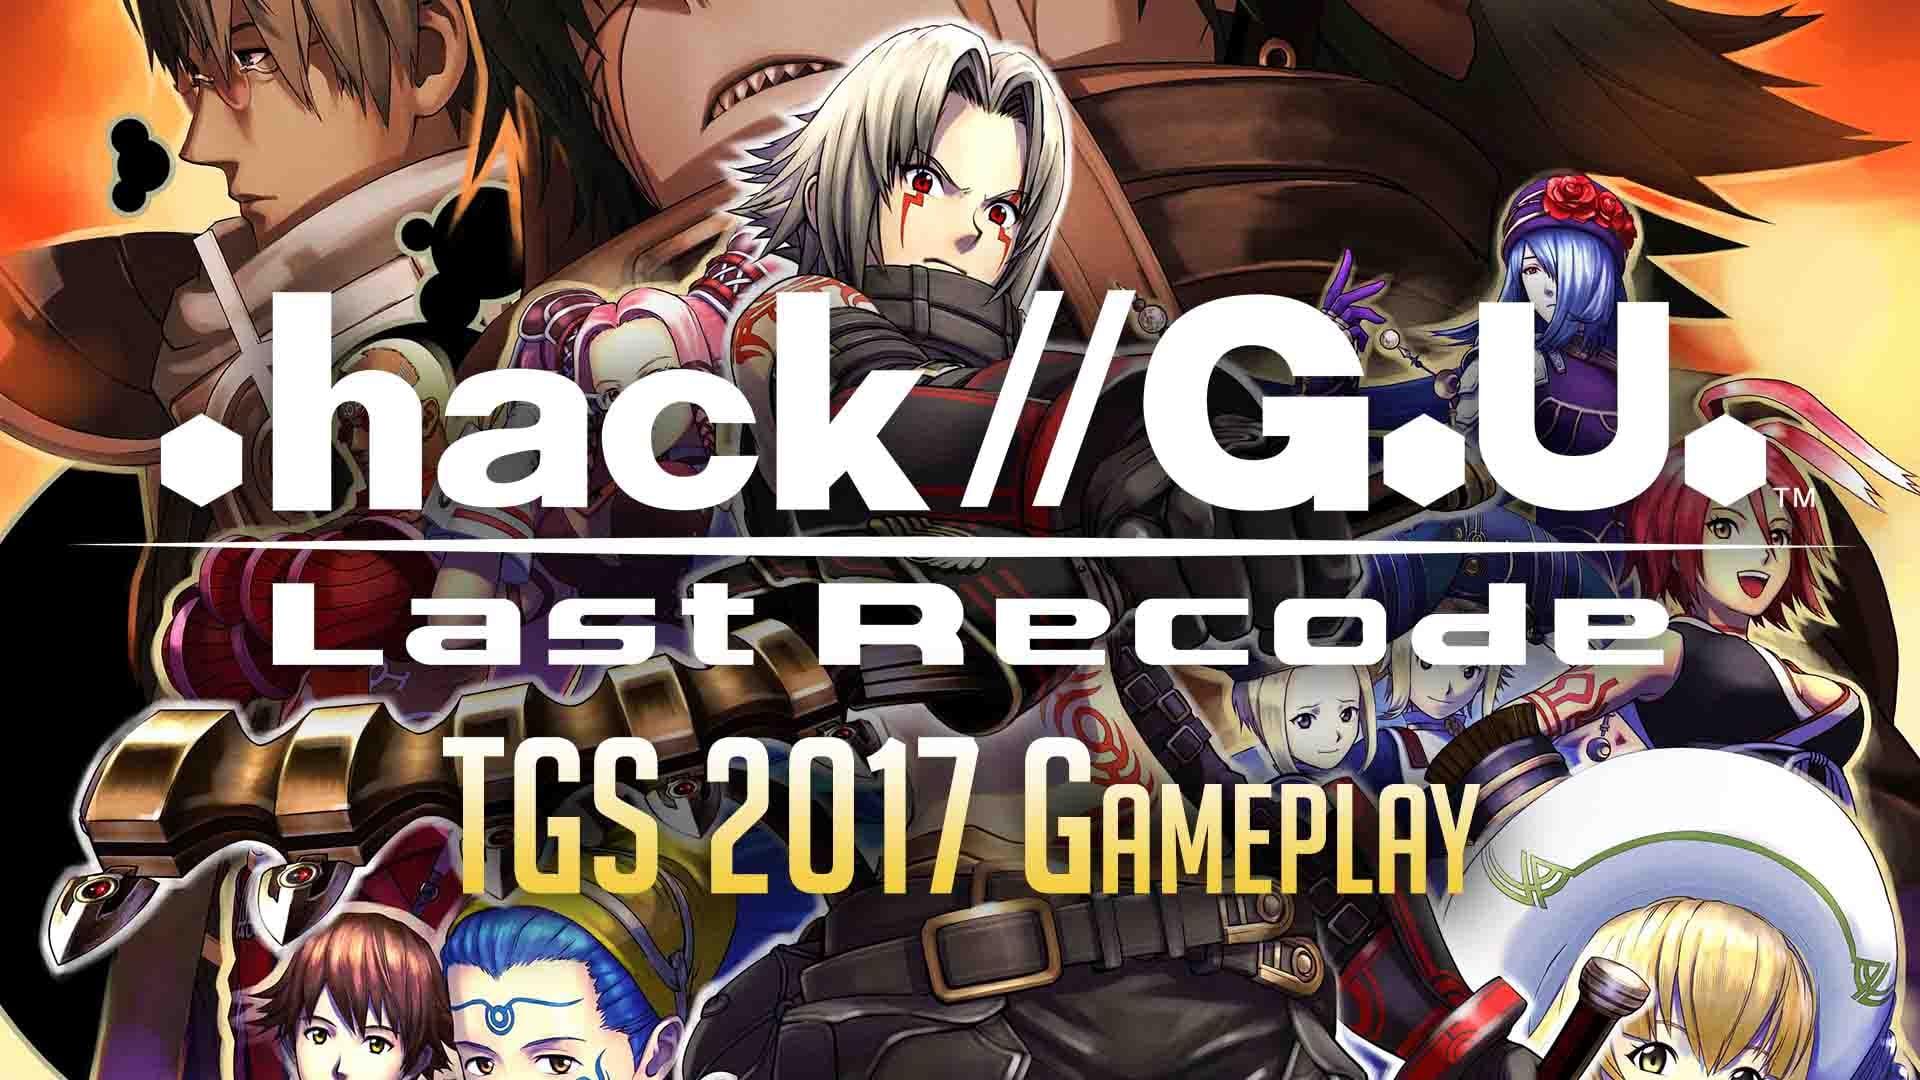 Hack G U Last Recode Remaster Tgs 2017 Gameplay Footage